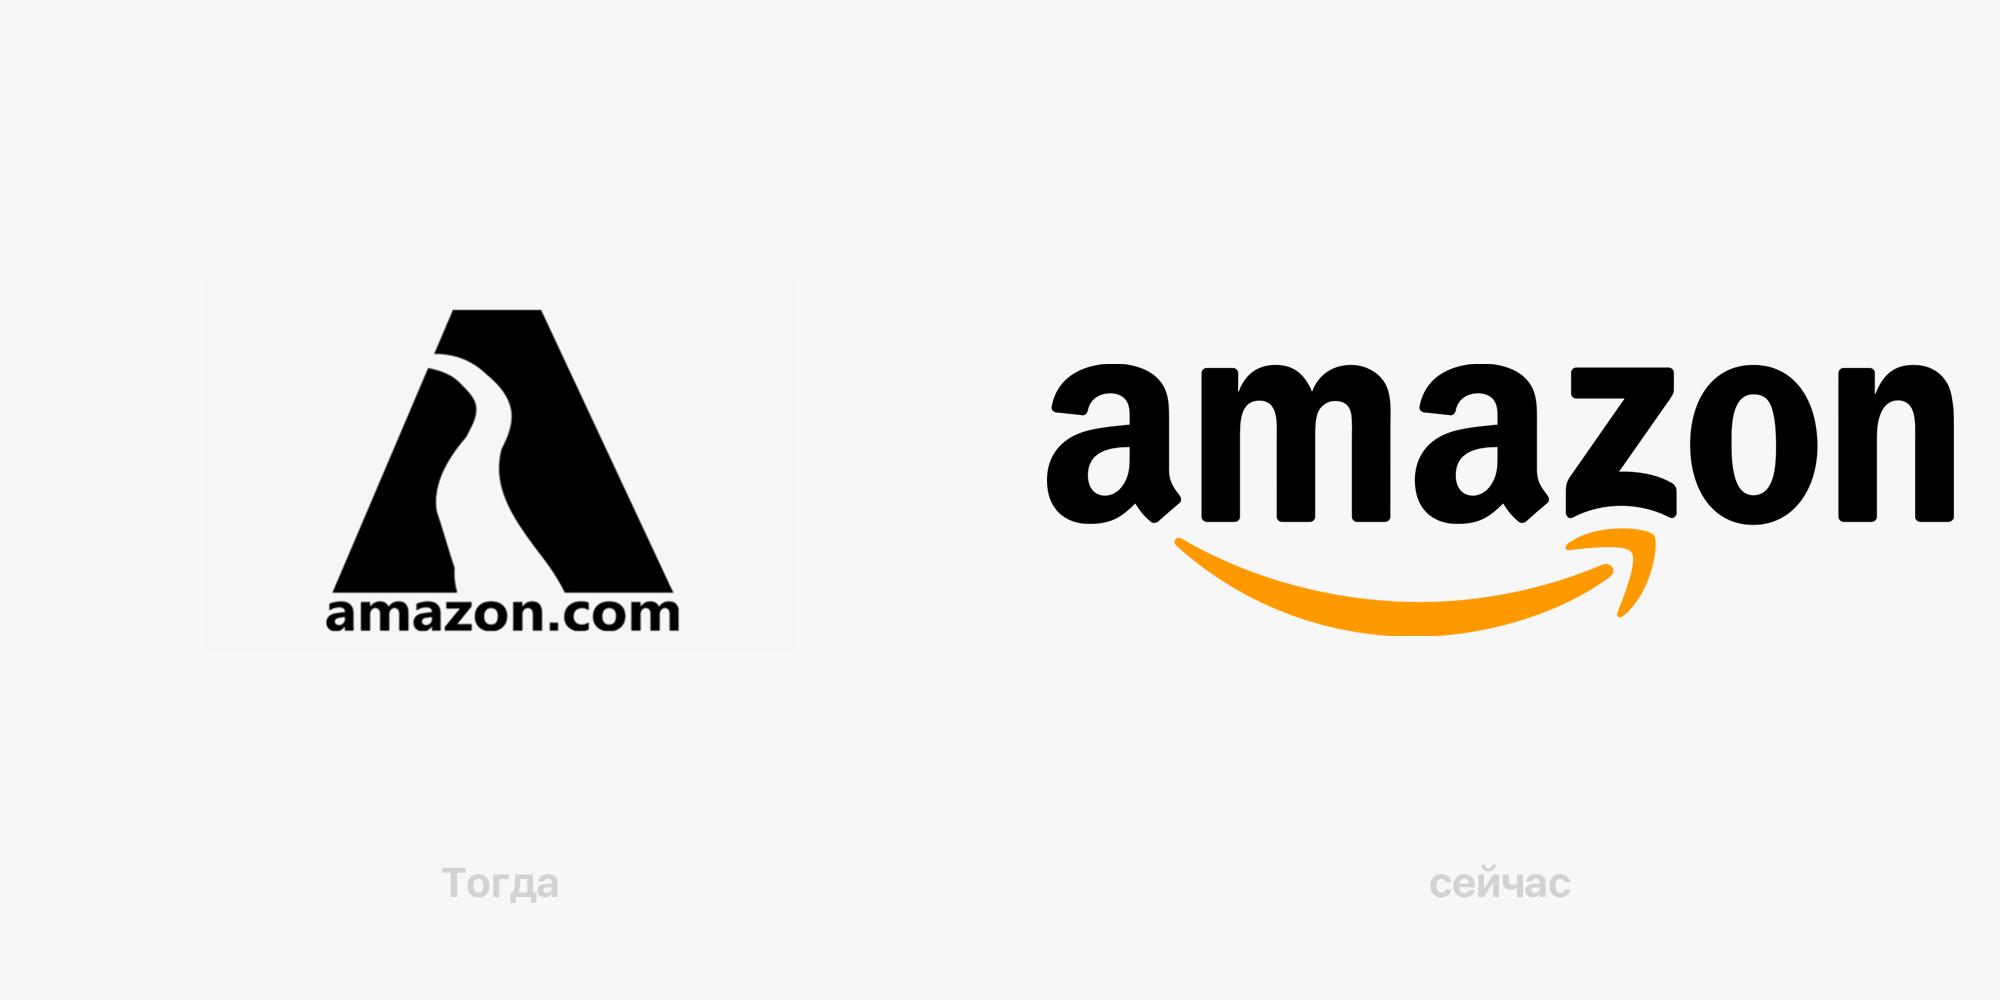 Слева — вариант логотипа Amazon 1995 года с рекой в букве «А», справа — актуальный вариант «улыбка», созданный в 2000 году. Оба логотипа разработаны командой дизайнеров Turner Duckworth (Тернер Дакворт)